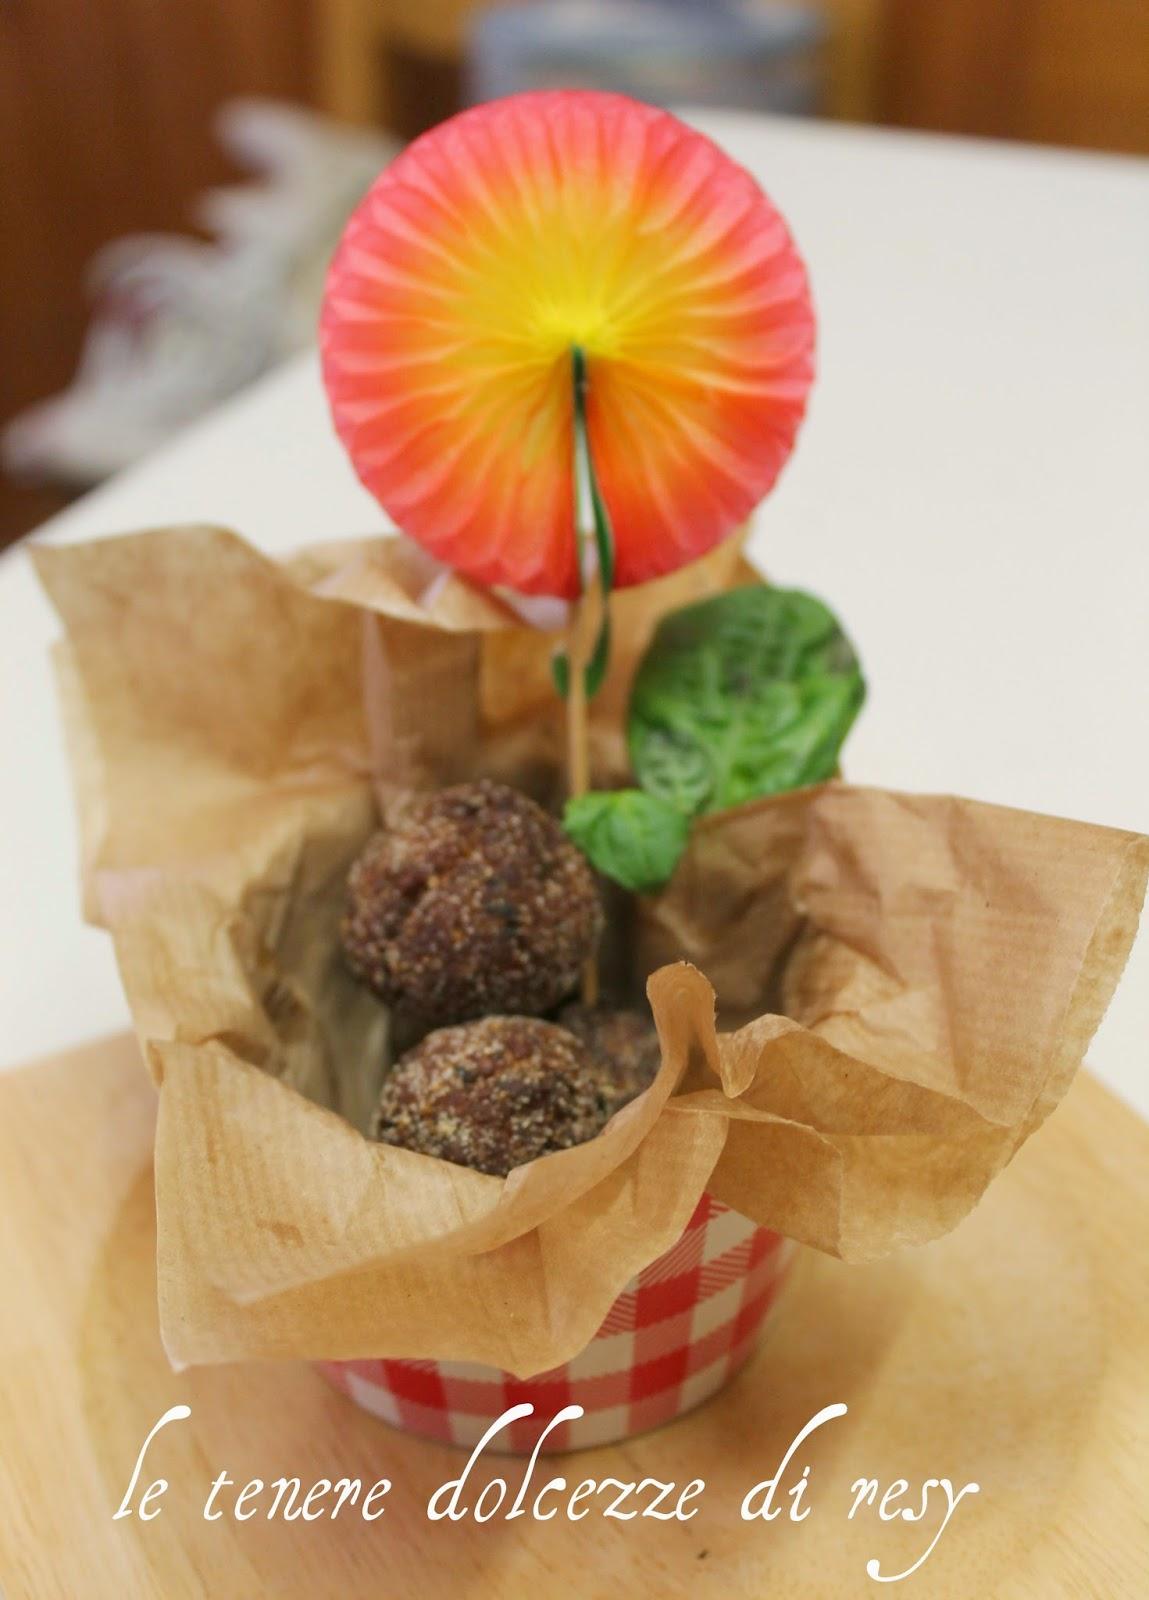 Finger Food Aperitivo Estivo le tenere dolcezze di resy: polpettine di melanzane - il